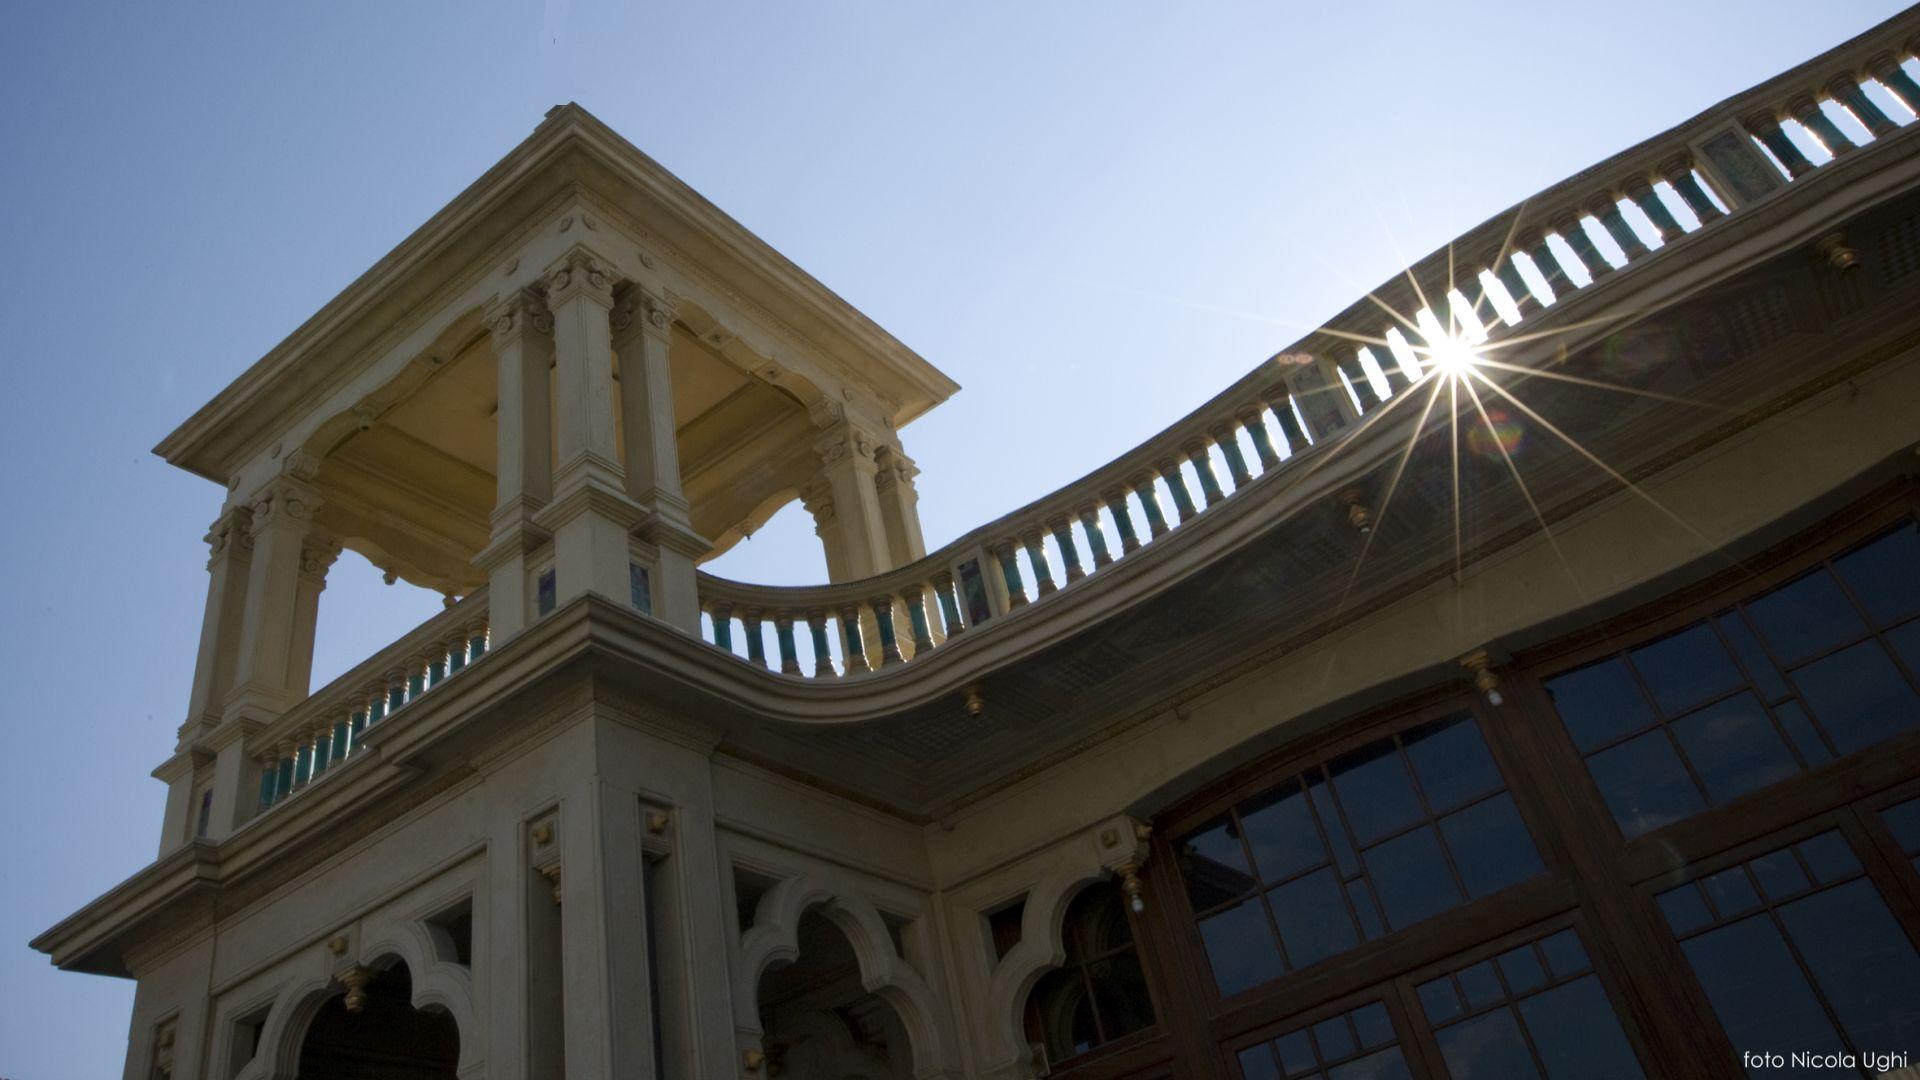 la passeggiata delle architetture liberty a Viareggio